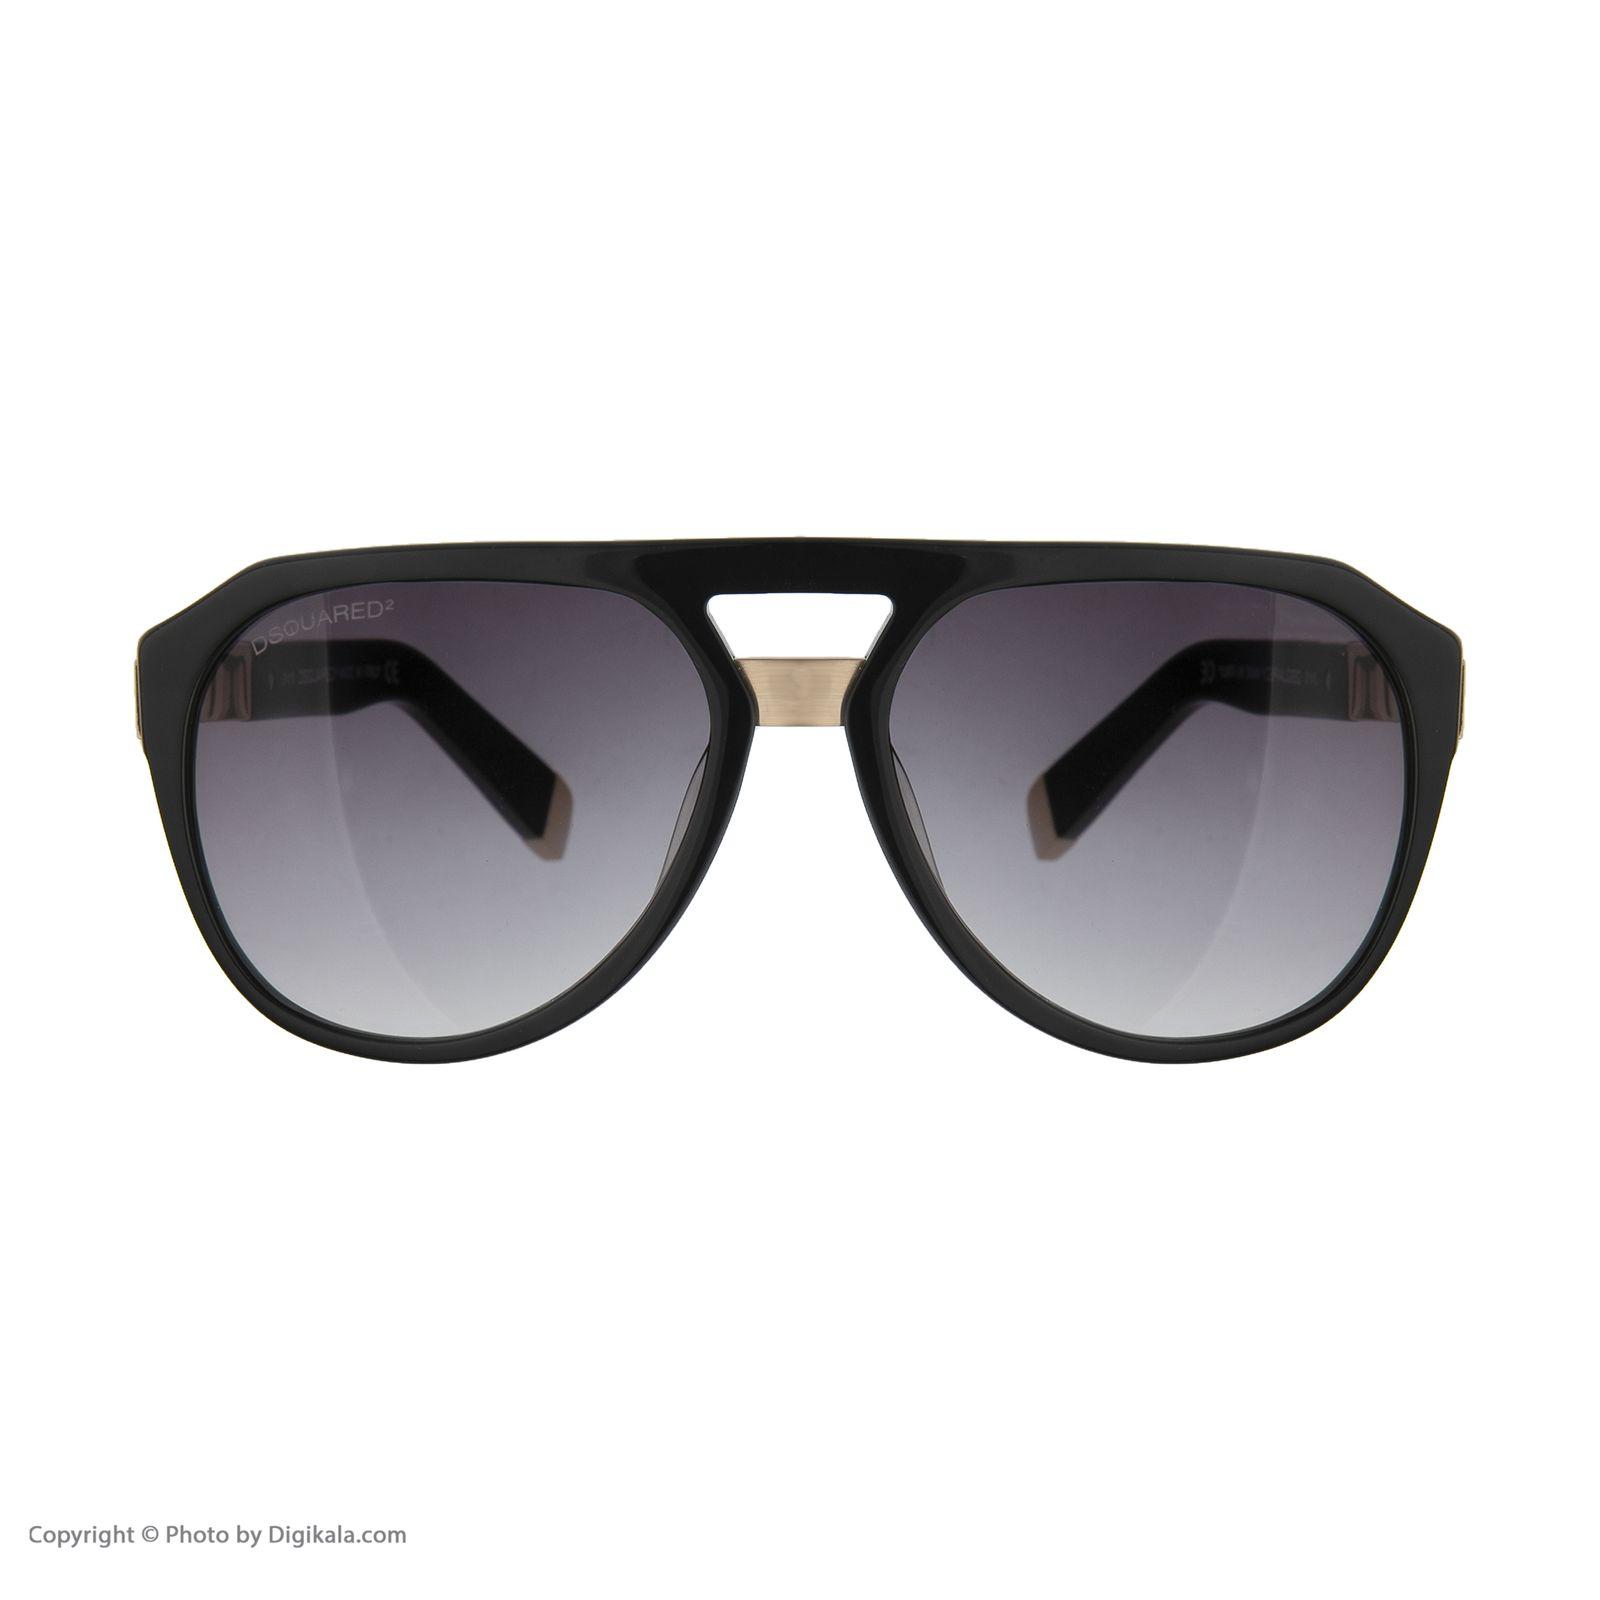 عینک آفتابی  دیسکوارد مدل 0027 -  - 3